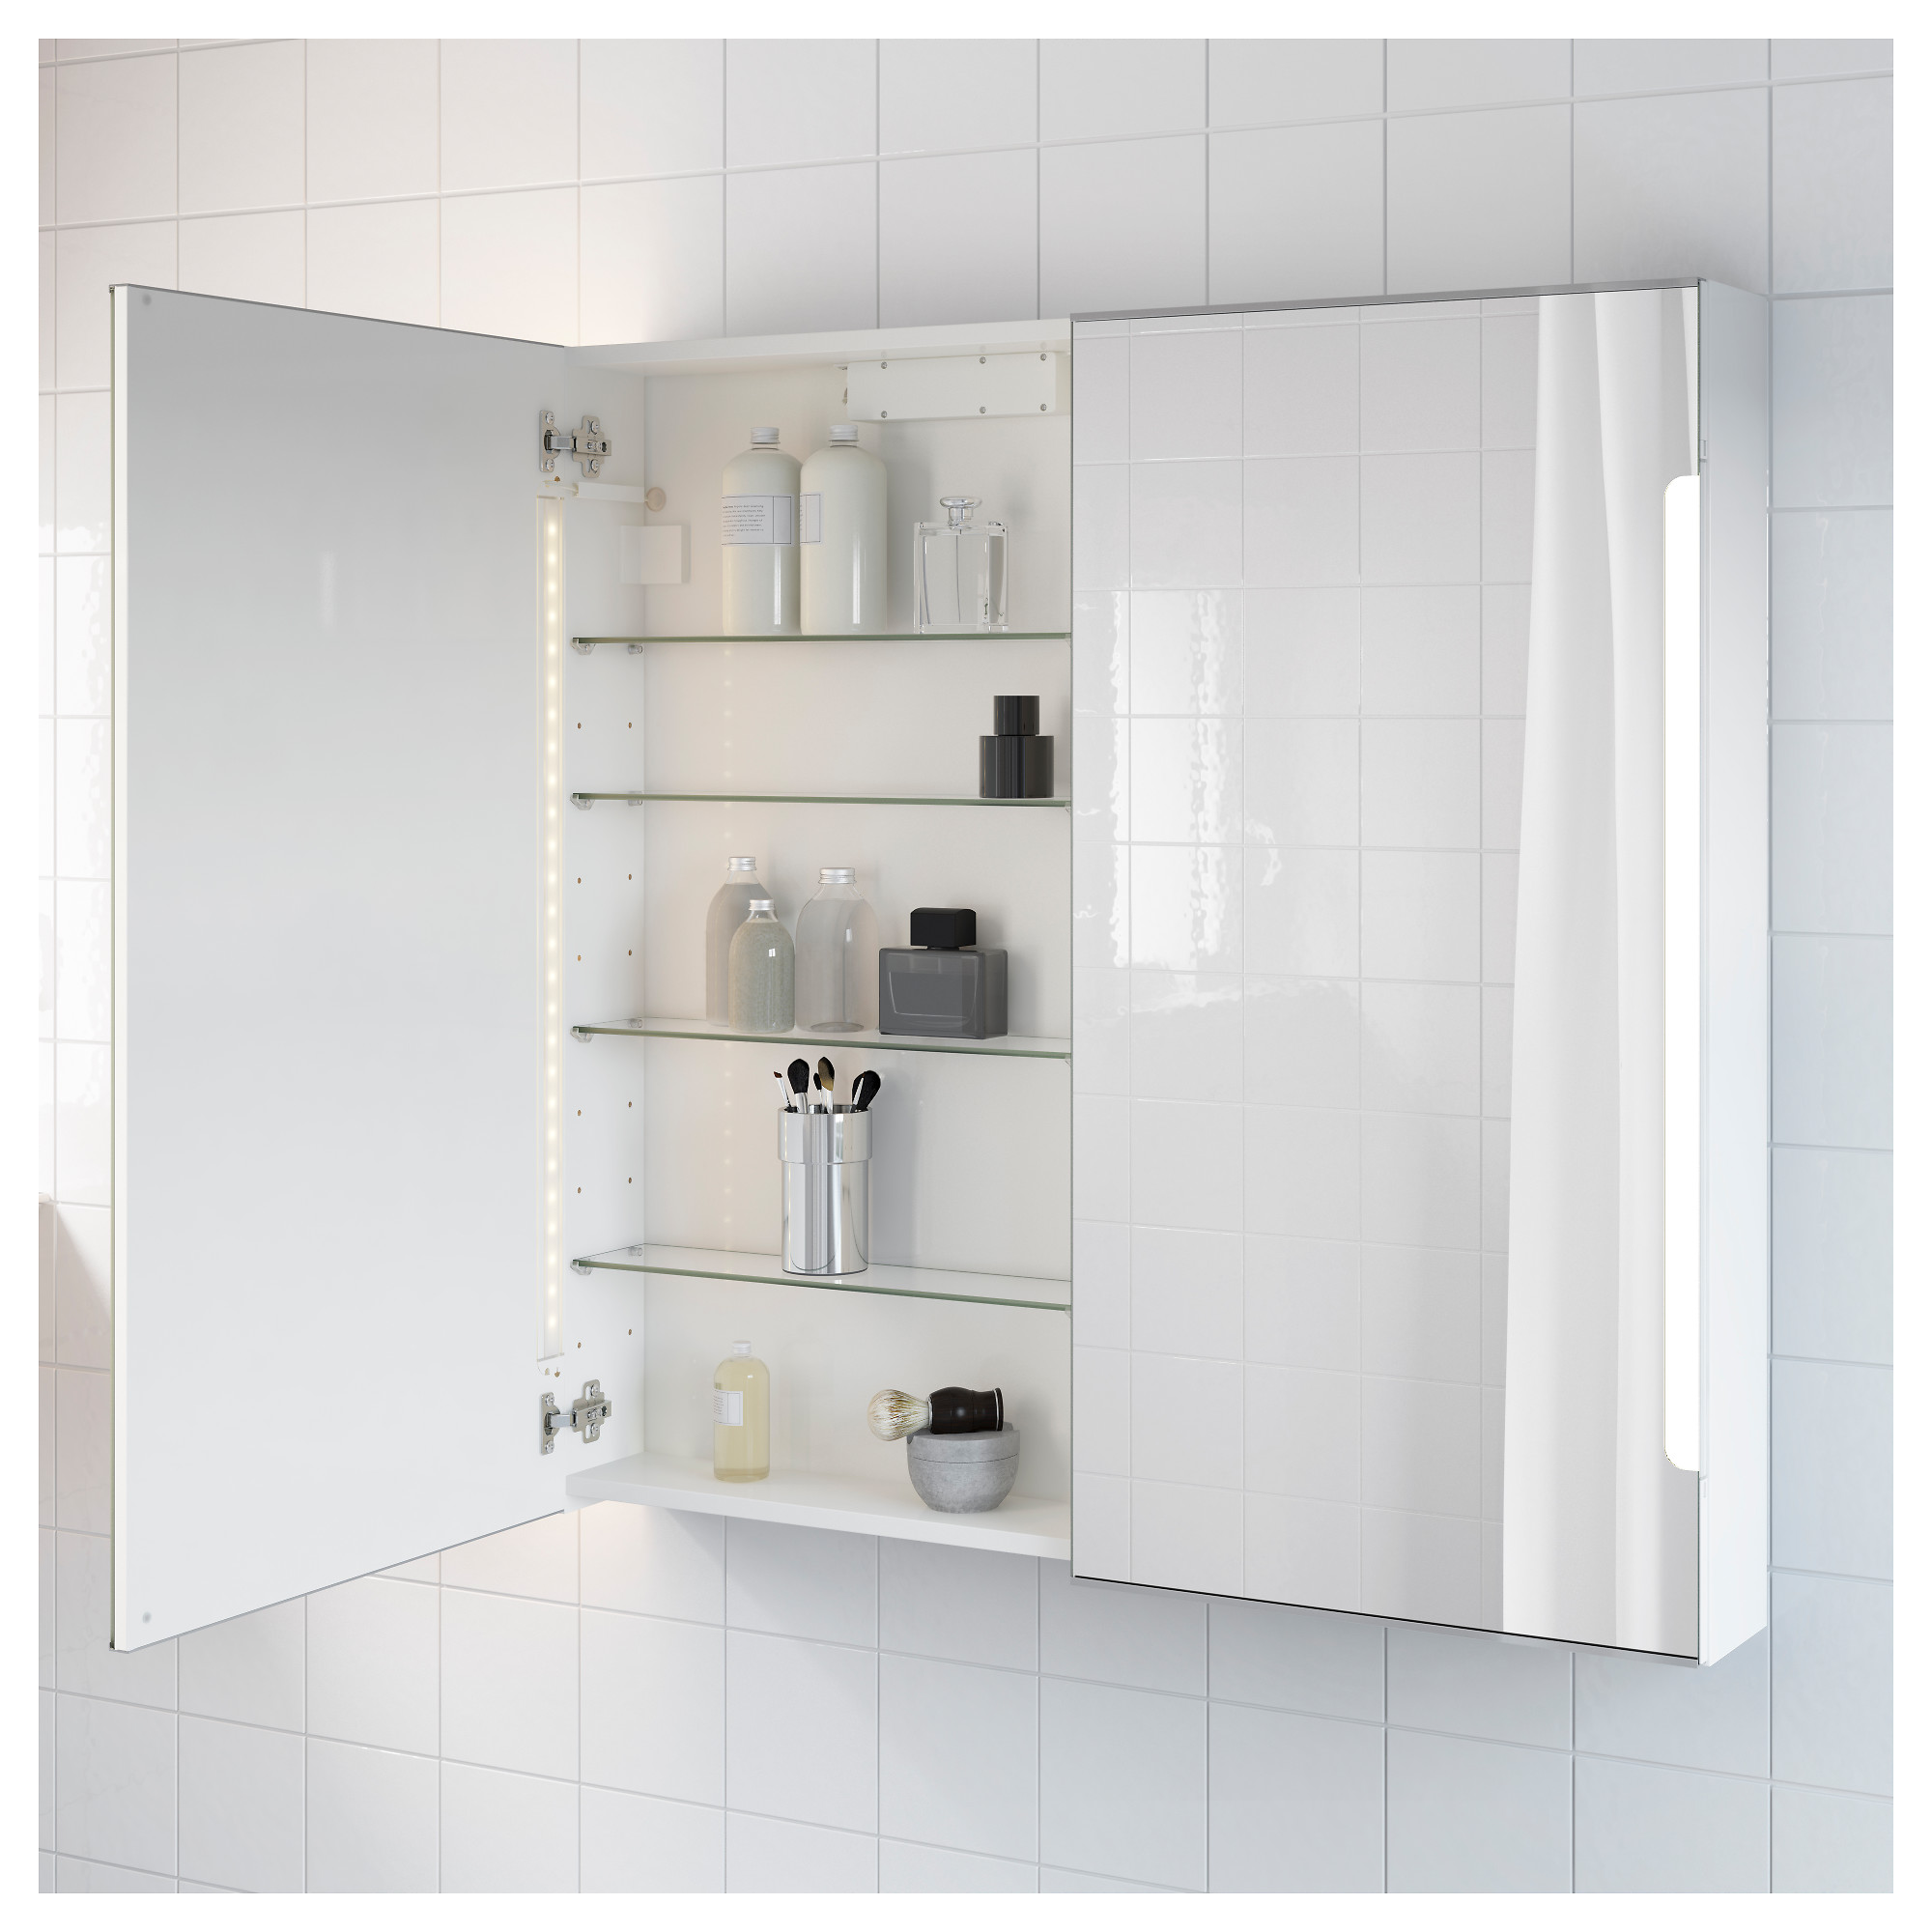 IKEA STORJORM Mirror Cab 2 Door Built In Lighting